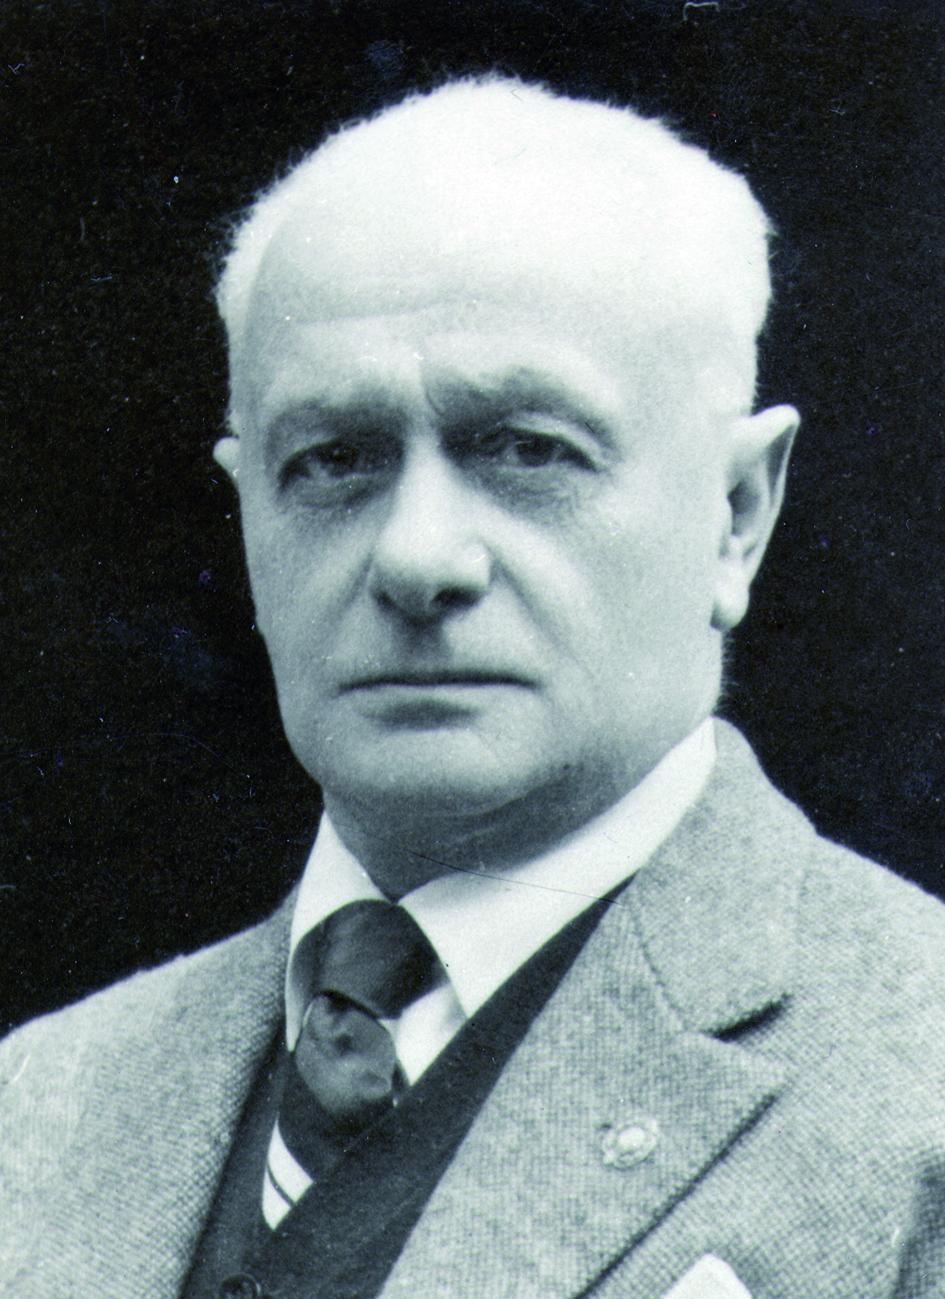 Portraitfoto von Herrn Mario Ponzio.